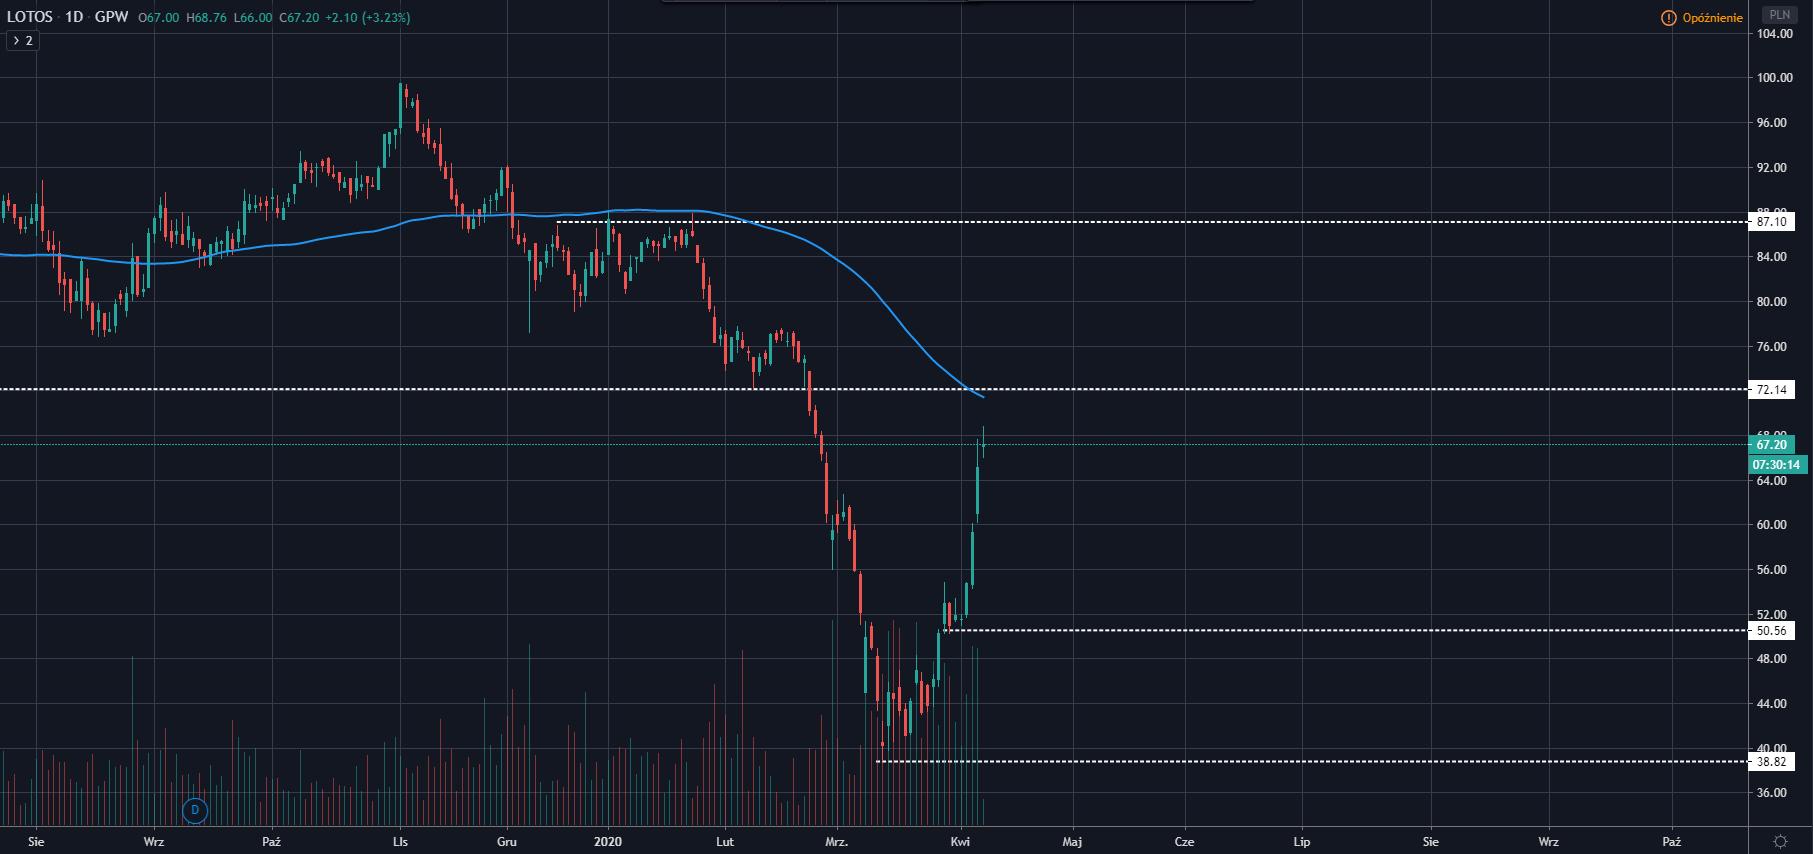 wykres Lotos D1 07.04.2020 - Źródło Tradingview